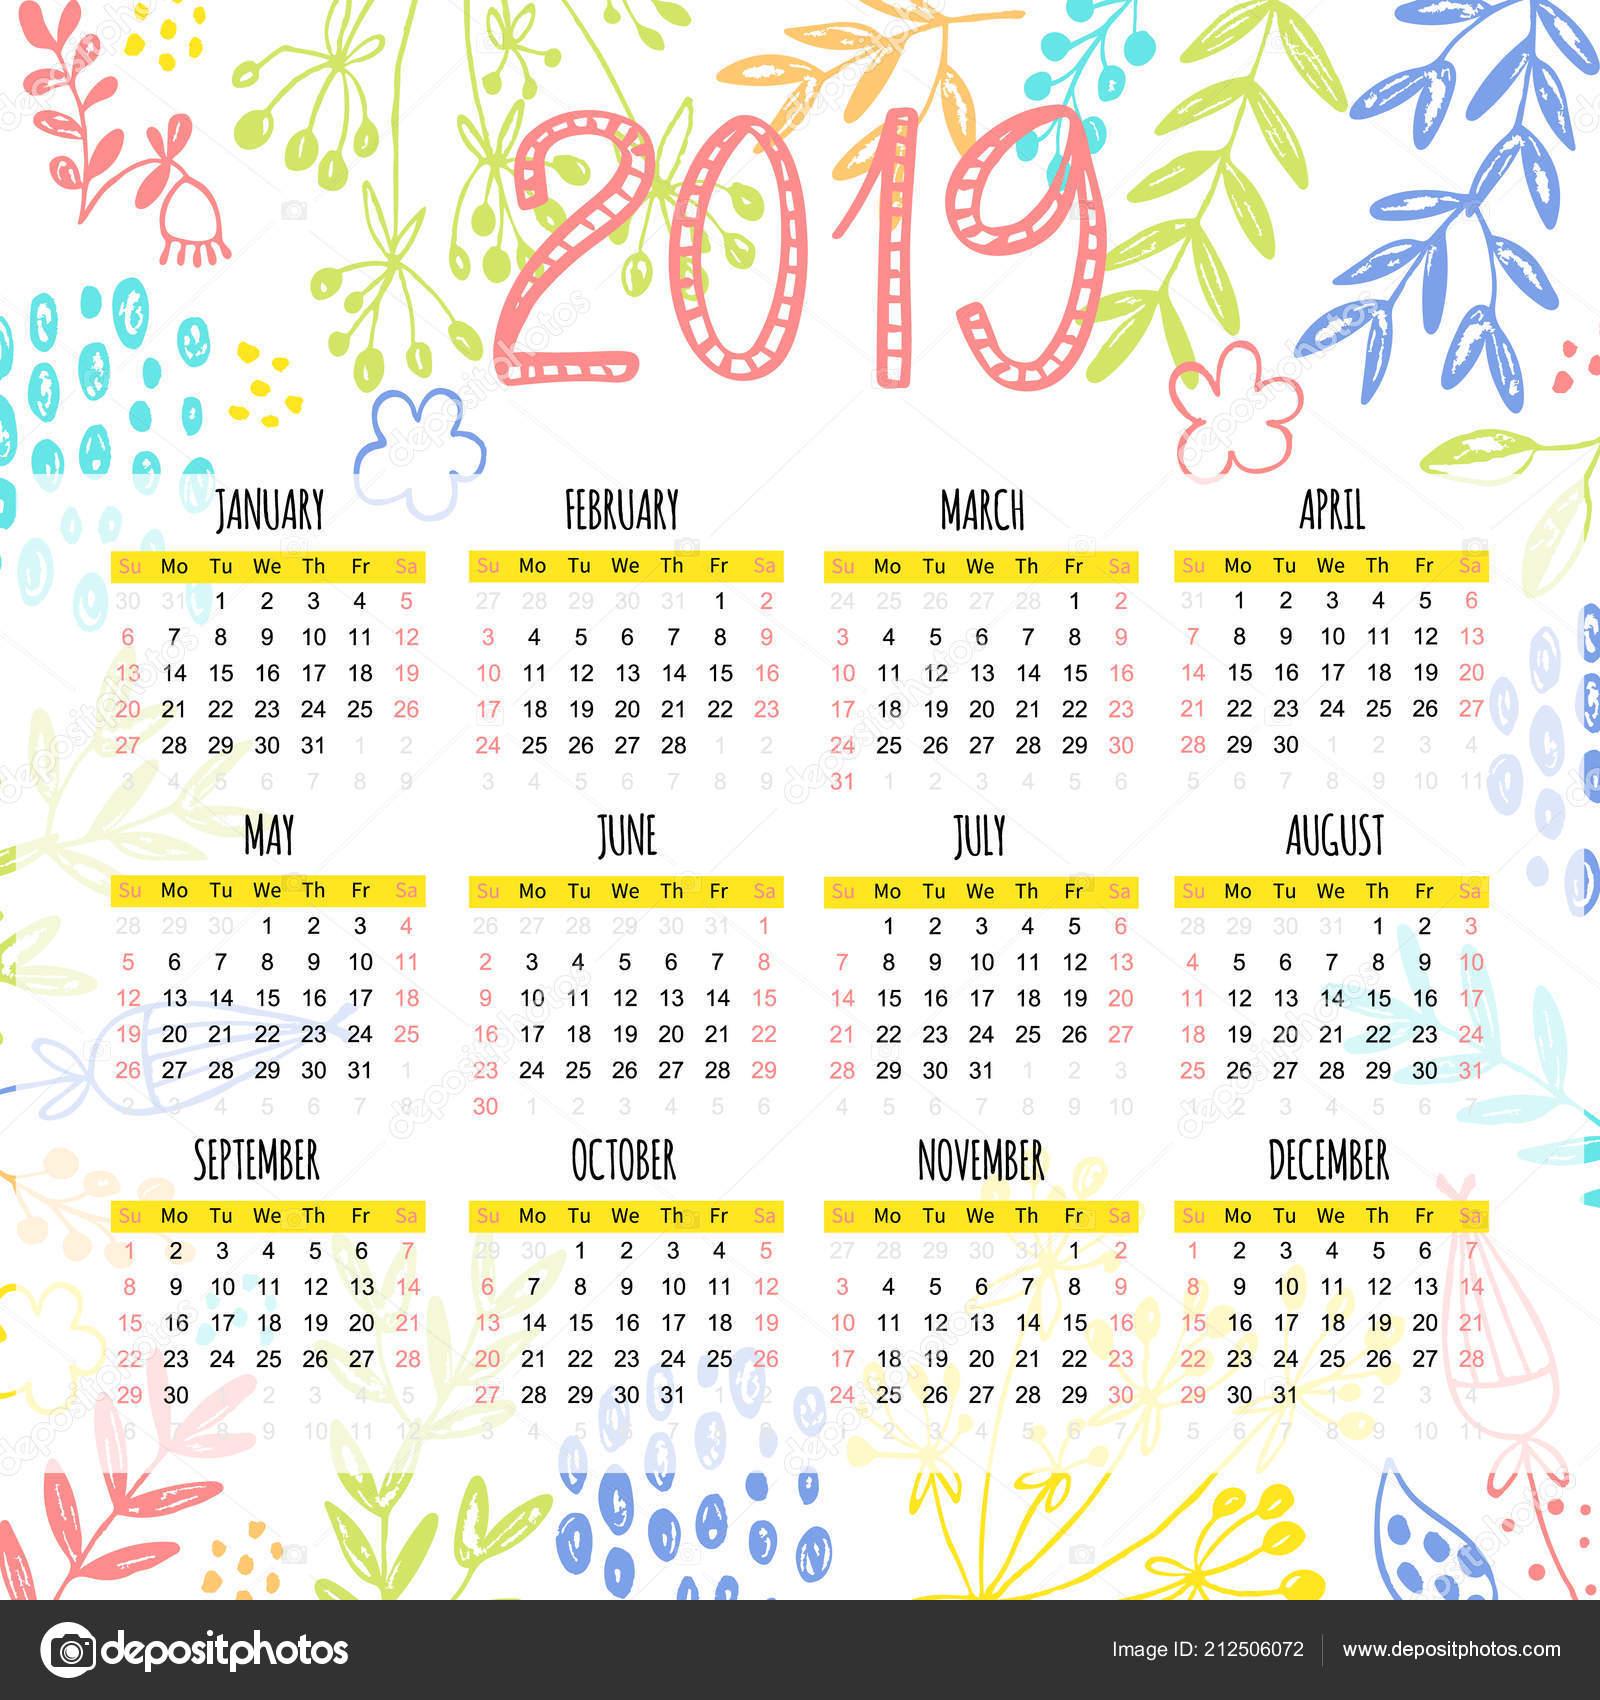 Calendario De Agosto 2019 Decorado.Plantilla Calendario 2019 Decorado Con Brillantes Pintadas